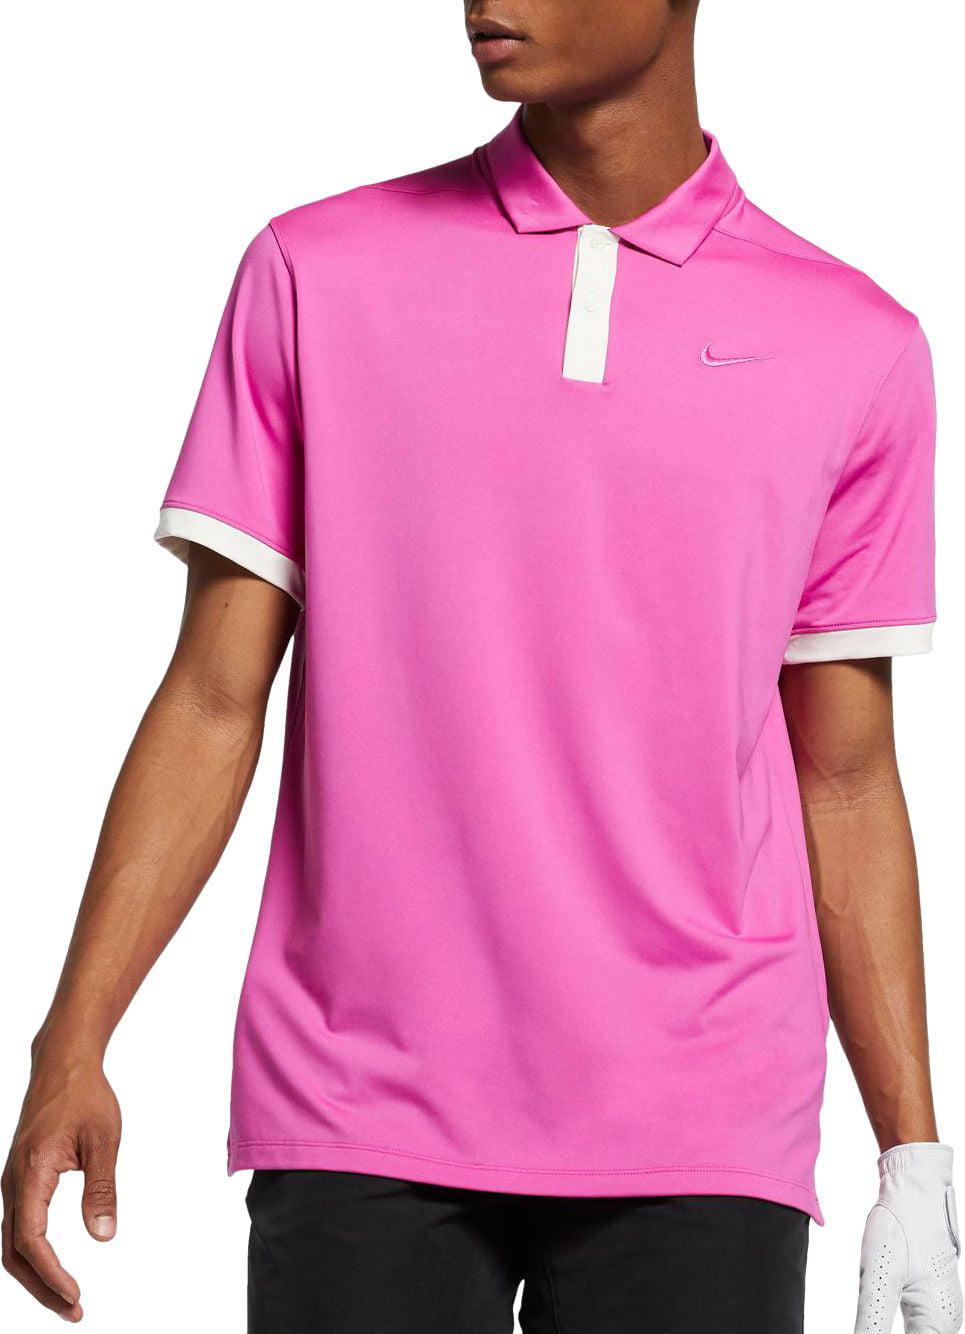 Nike - Nike Men's Vapor Solid Golf Polo